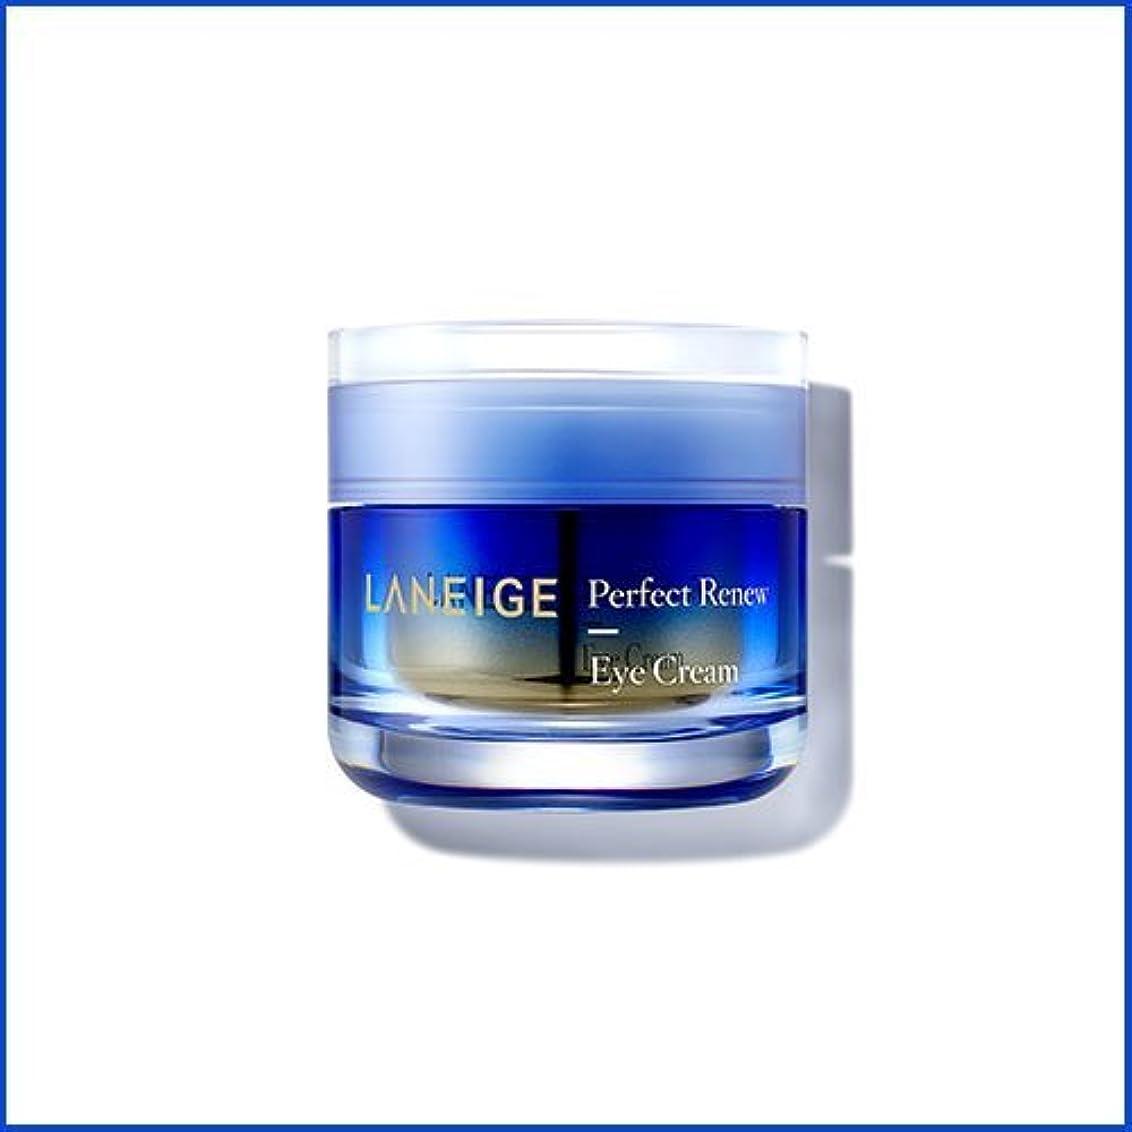 洞察力のある思いつくおんどり【ラネージュ】【LANEIGE】【韓国コスメ】【アイクリーム 】 パーフェクト リニュー アイ クリーム 20ml Perfect Renew Eye Cream [並行輸入品]